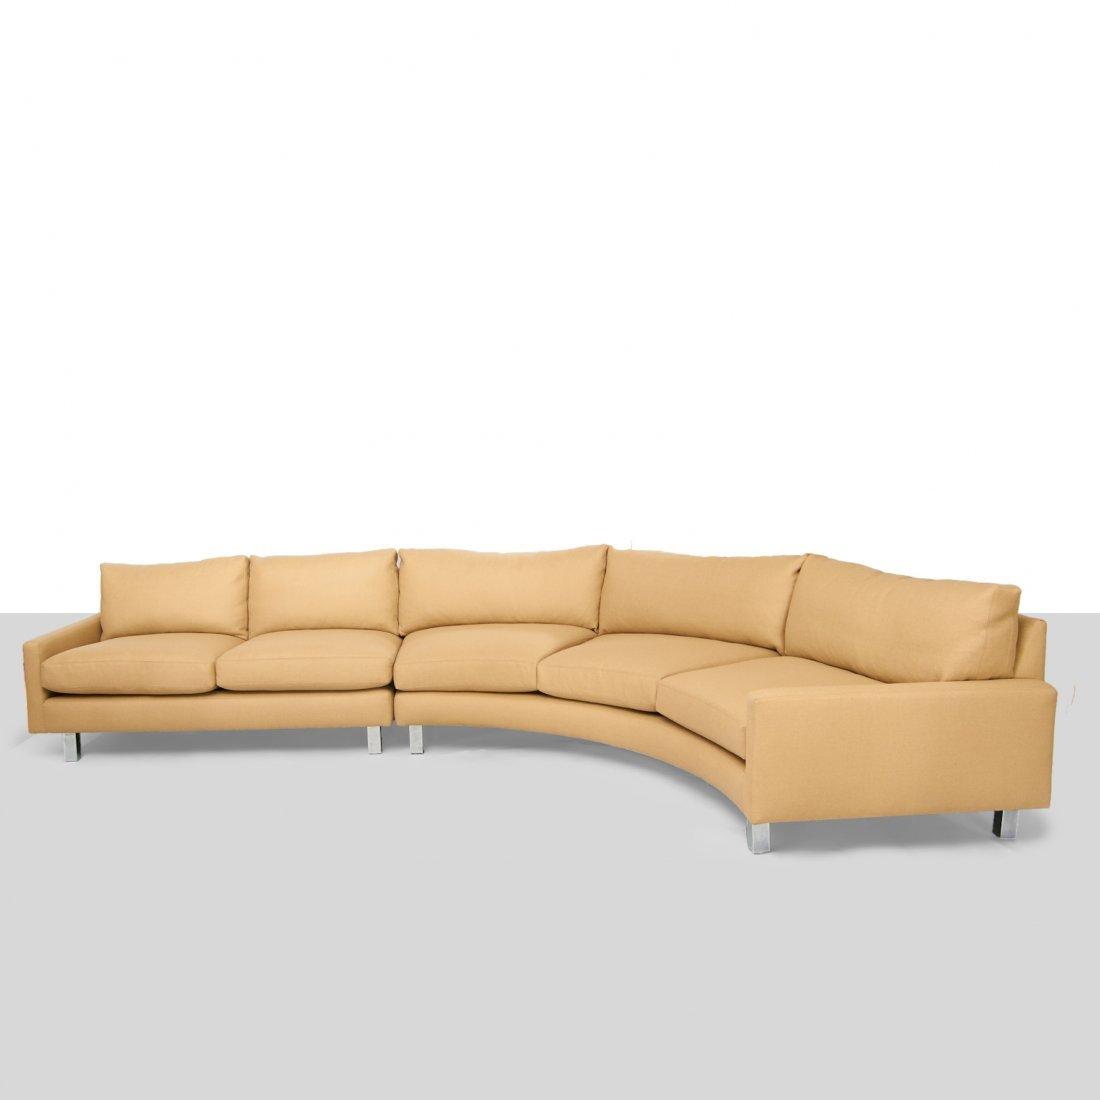 Milo Baughman, Sectional Sofa